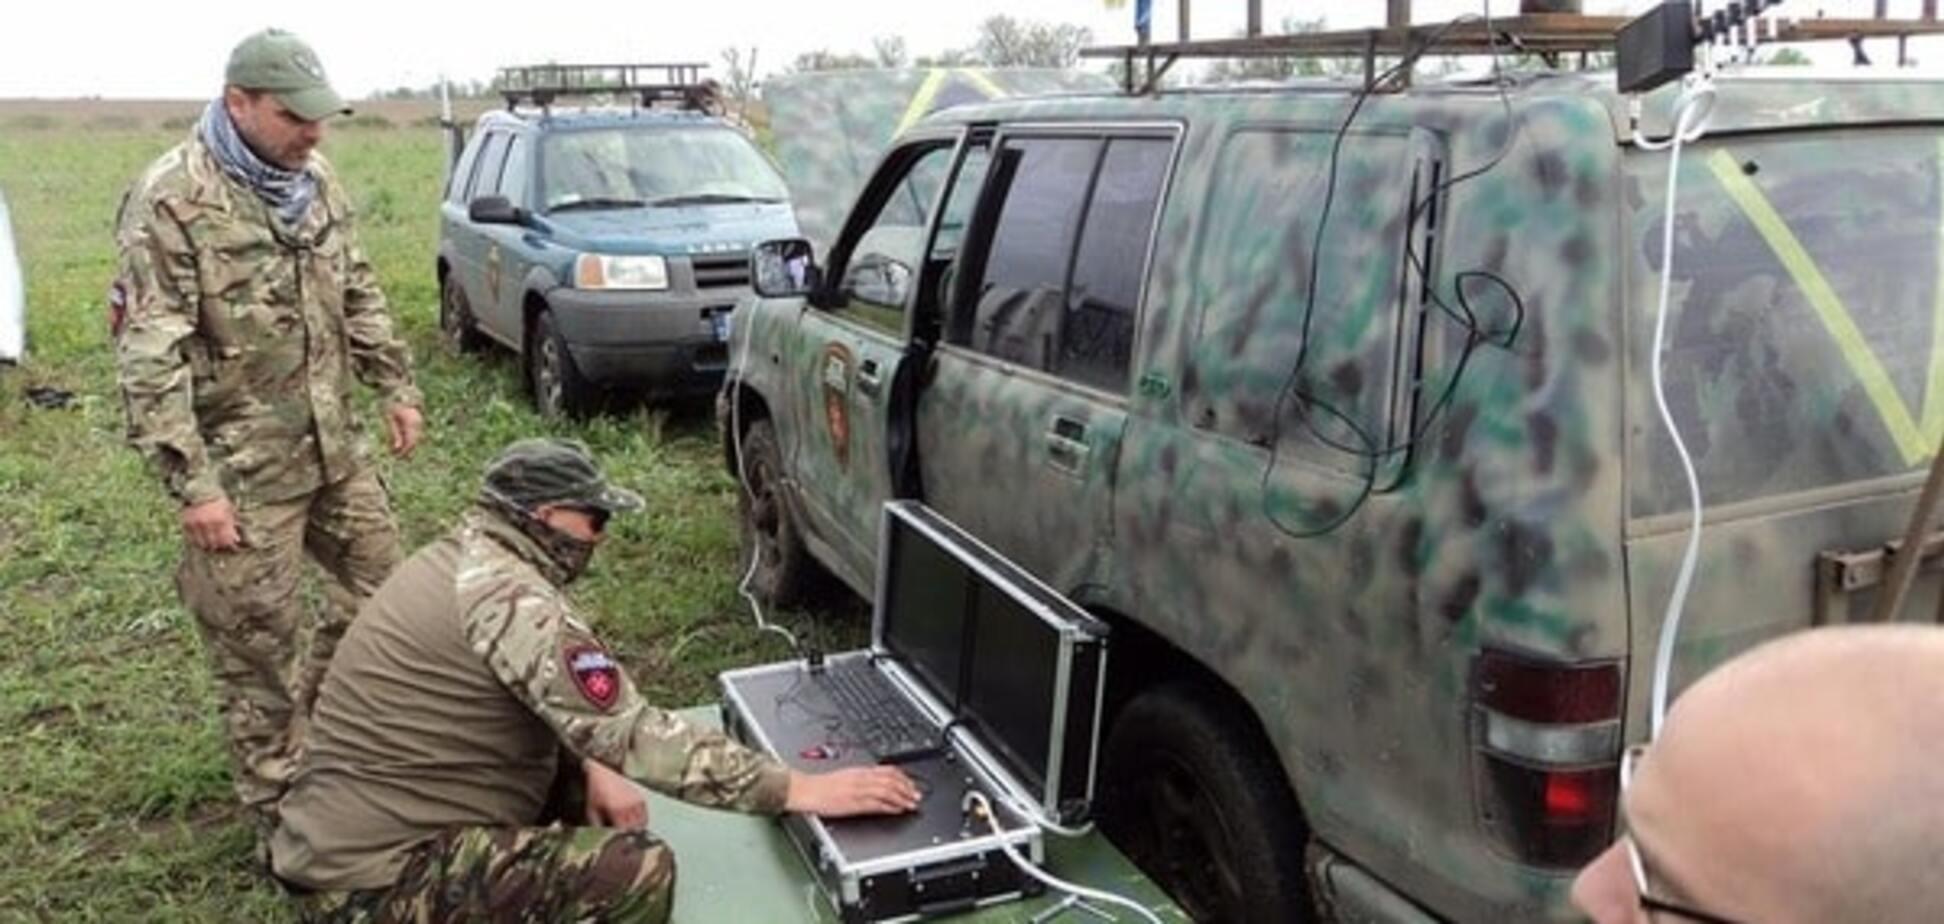 Патріотичні листівки в Донецьку: волонтери розповіли, як готувалася 'диверсія' на 9 Травня